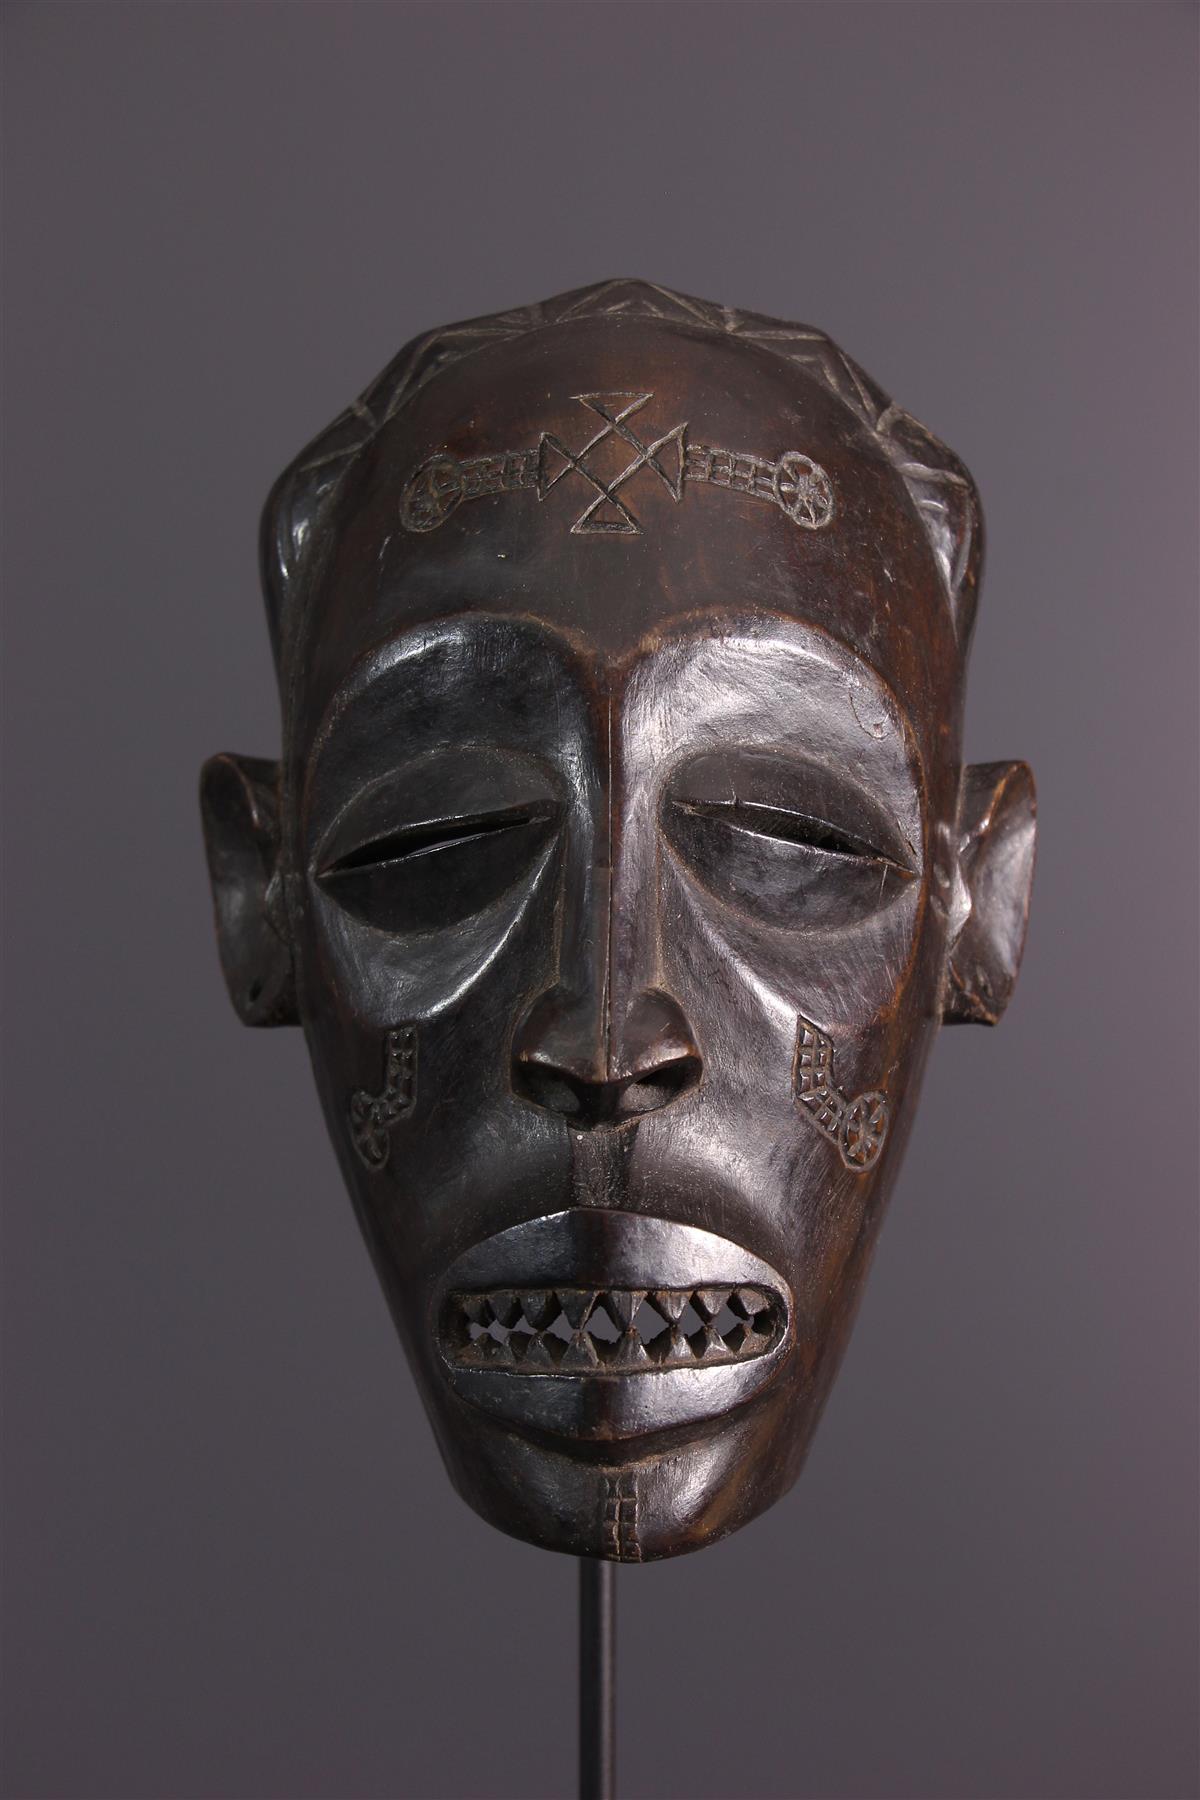 Chokwe Mask - Tribal art